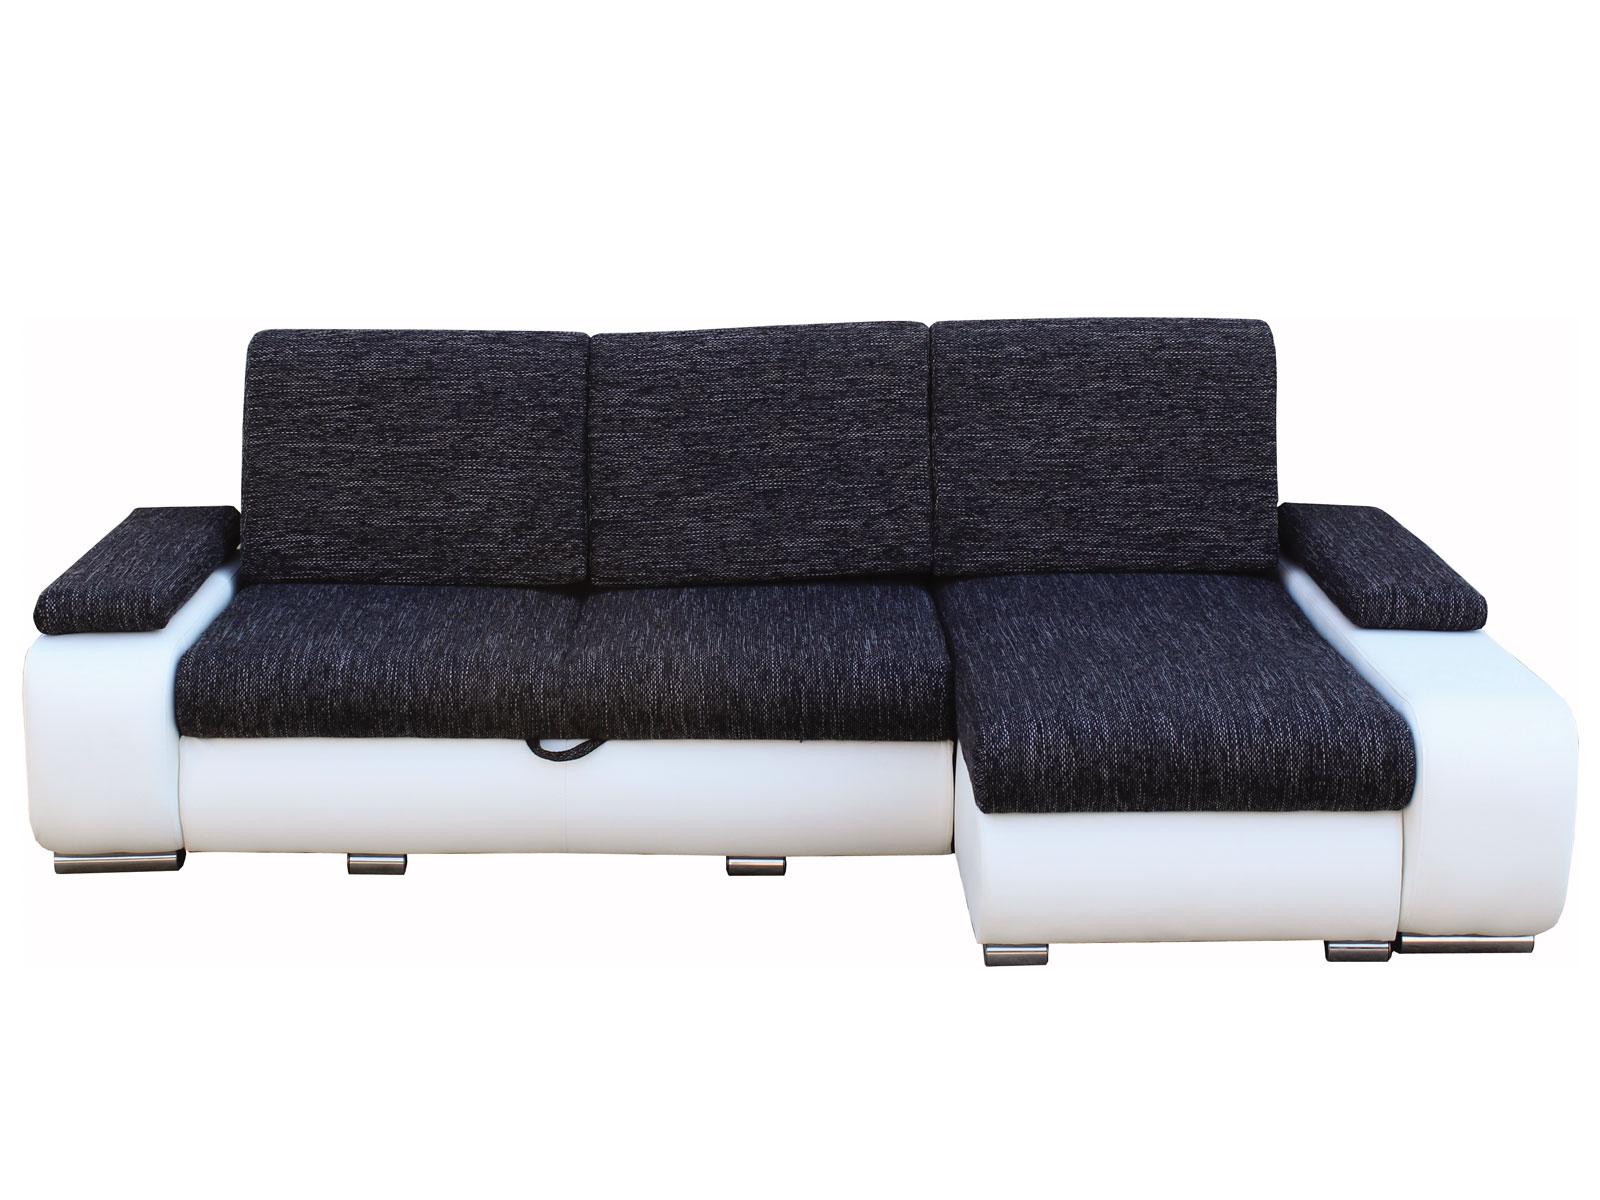 Rohová sedací souprava - Famm - Cafe roh černá + koženka bílá (P)